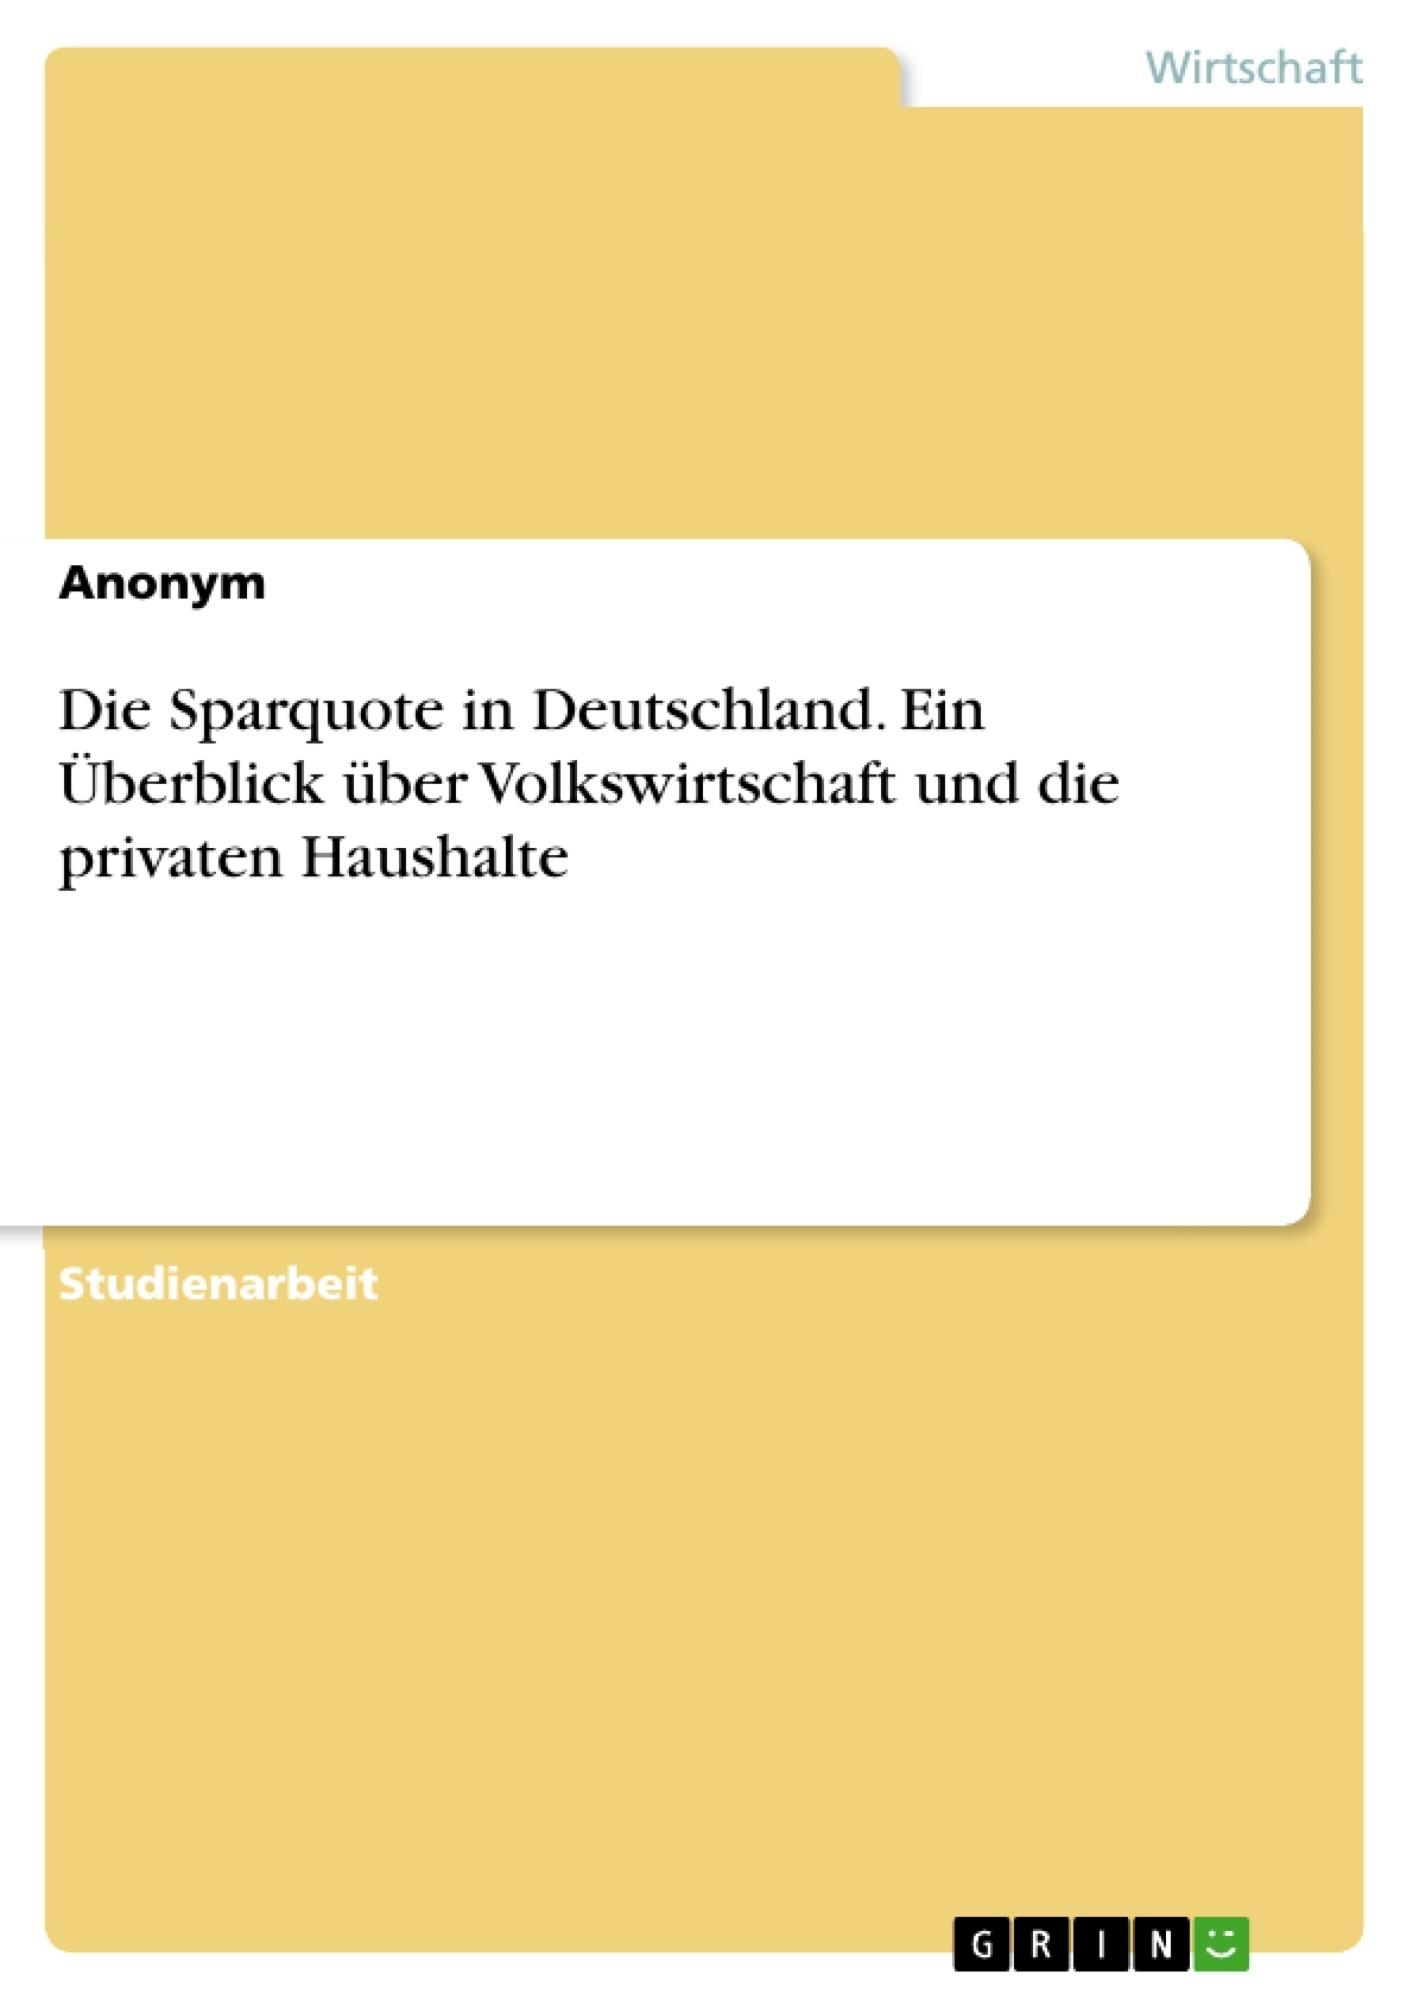 Titel: Die Sparquote in Deutschland. Ein Überblick über Volkswirtschaft und die privaten Haushalte